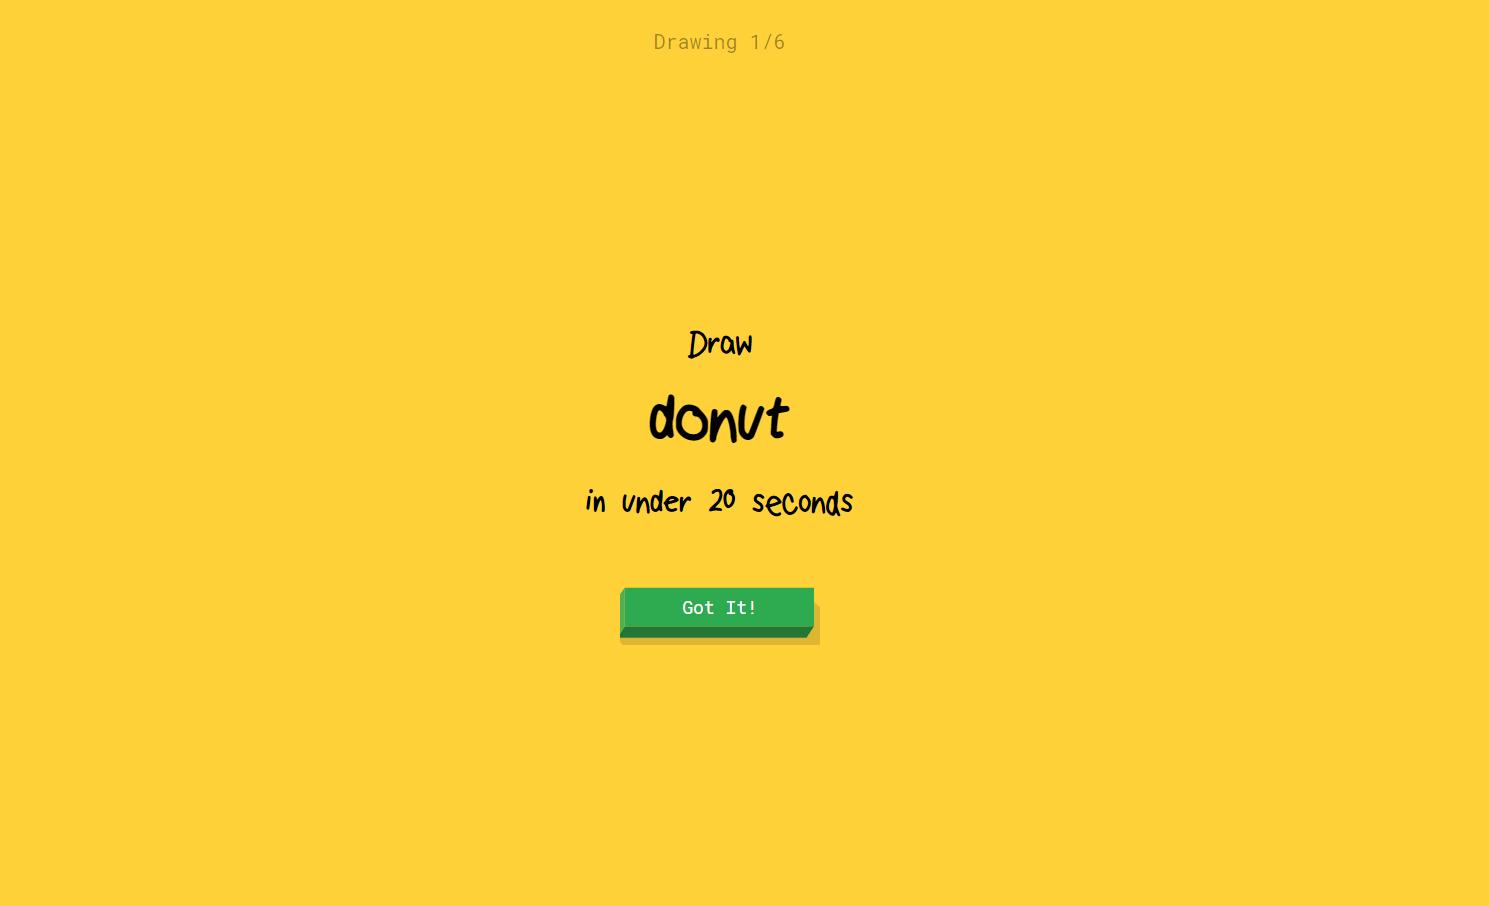 draw-donut